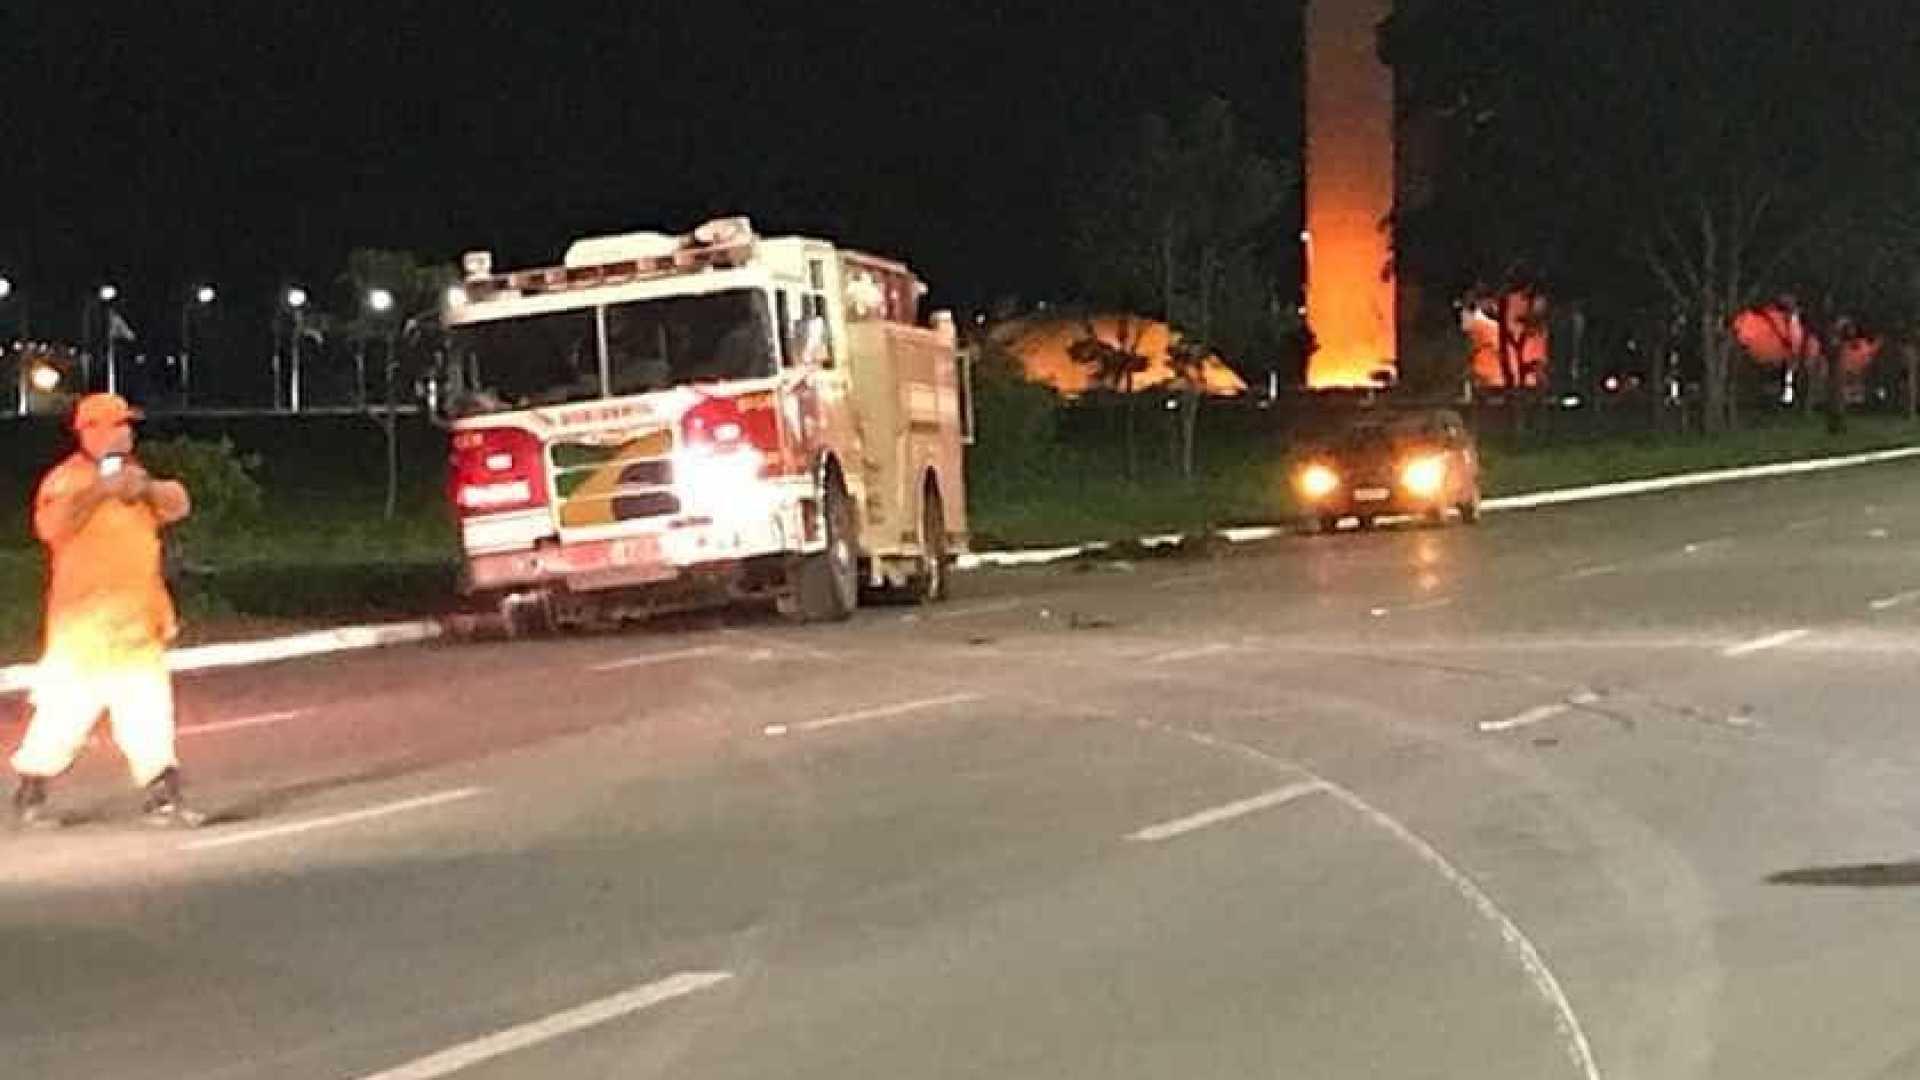 Suposto atentado terrorista no Congresso Nacional é interceptado pela polícia do DF - Imagem: Divulgação